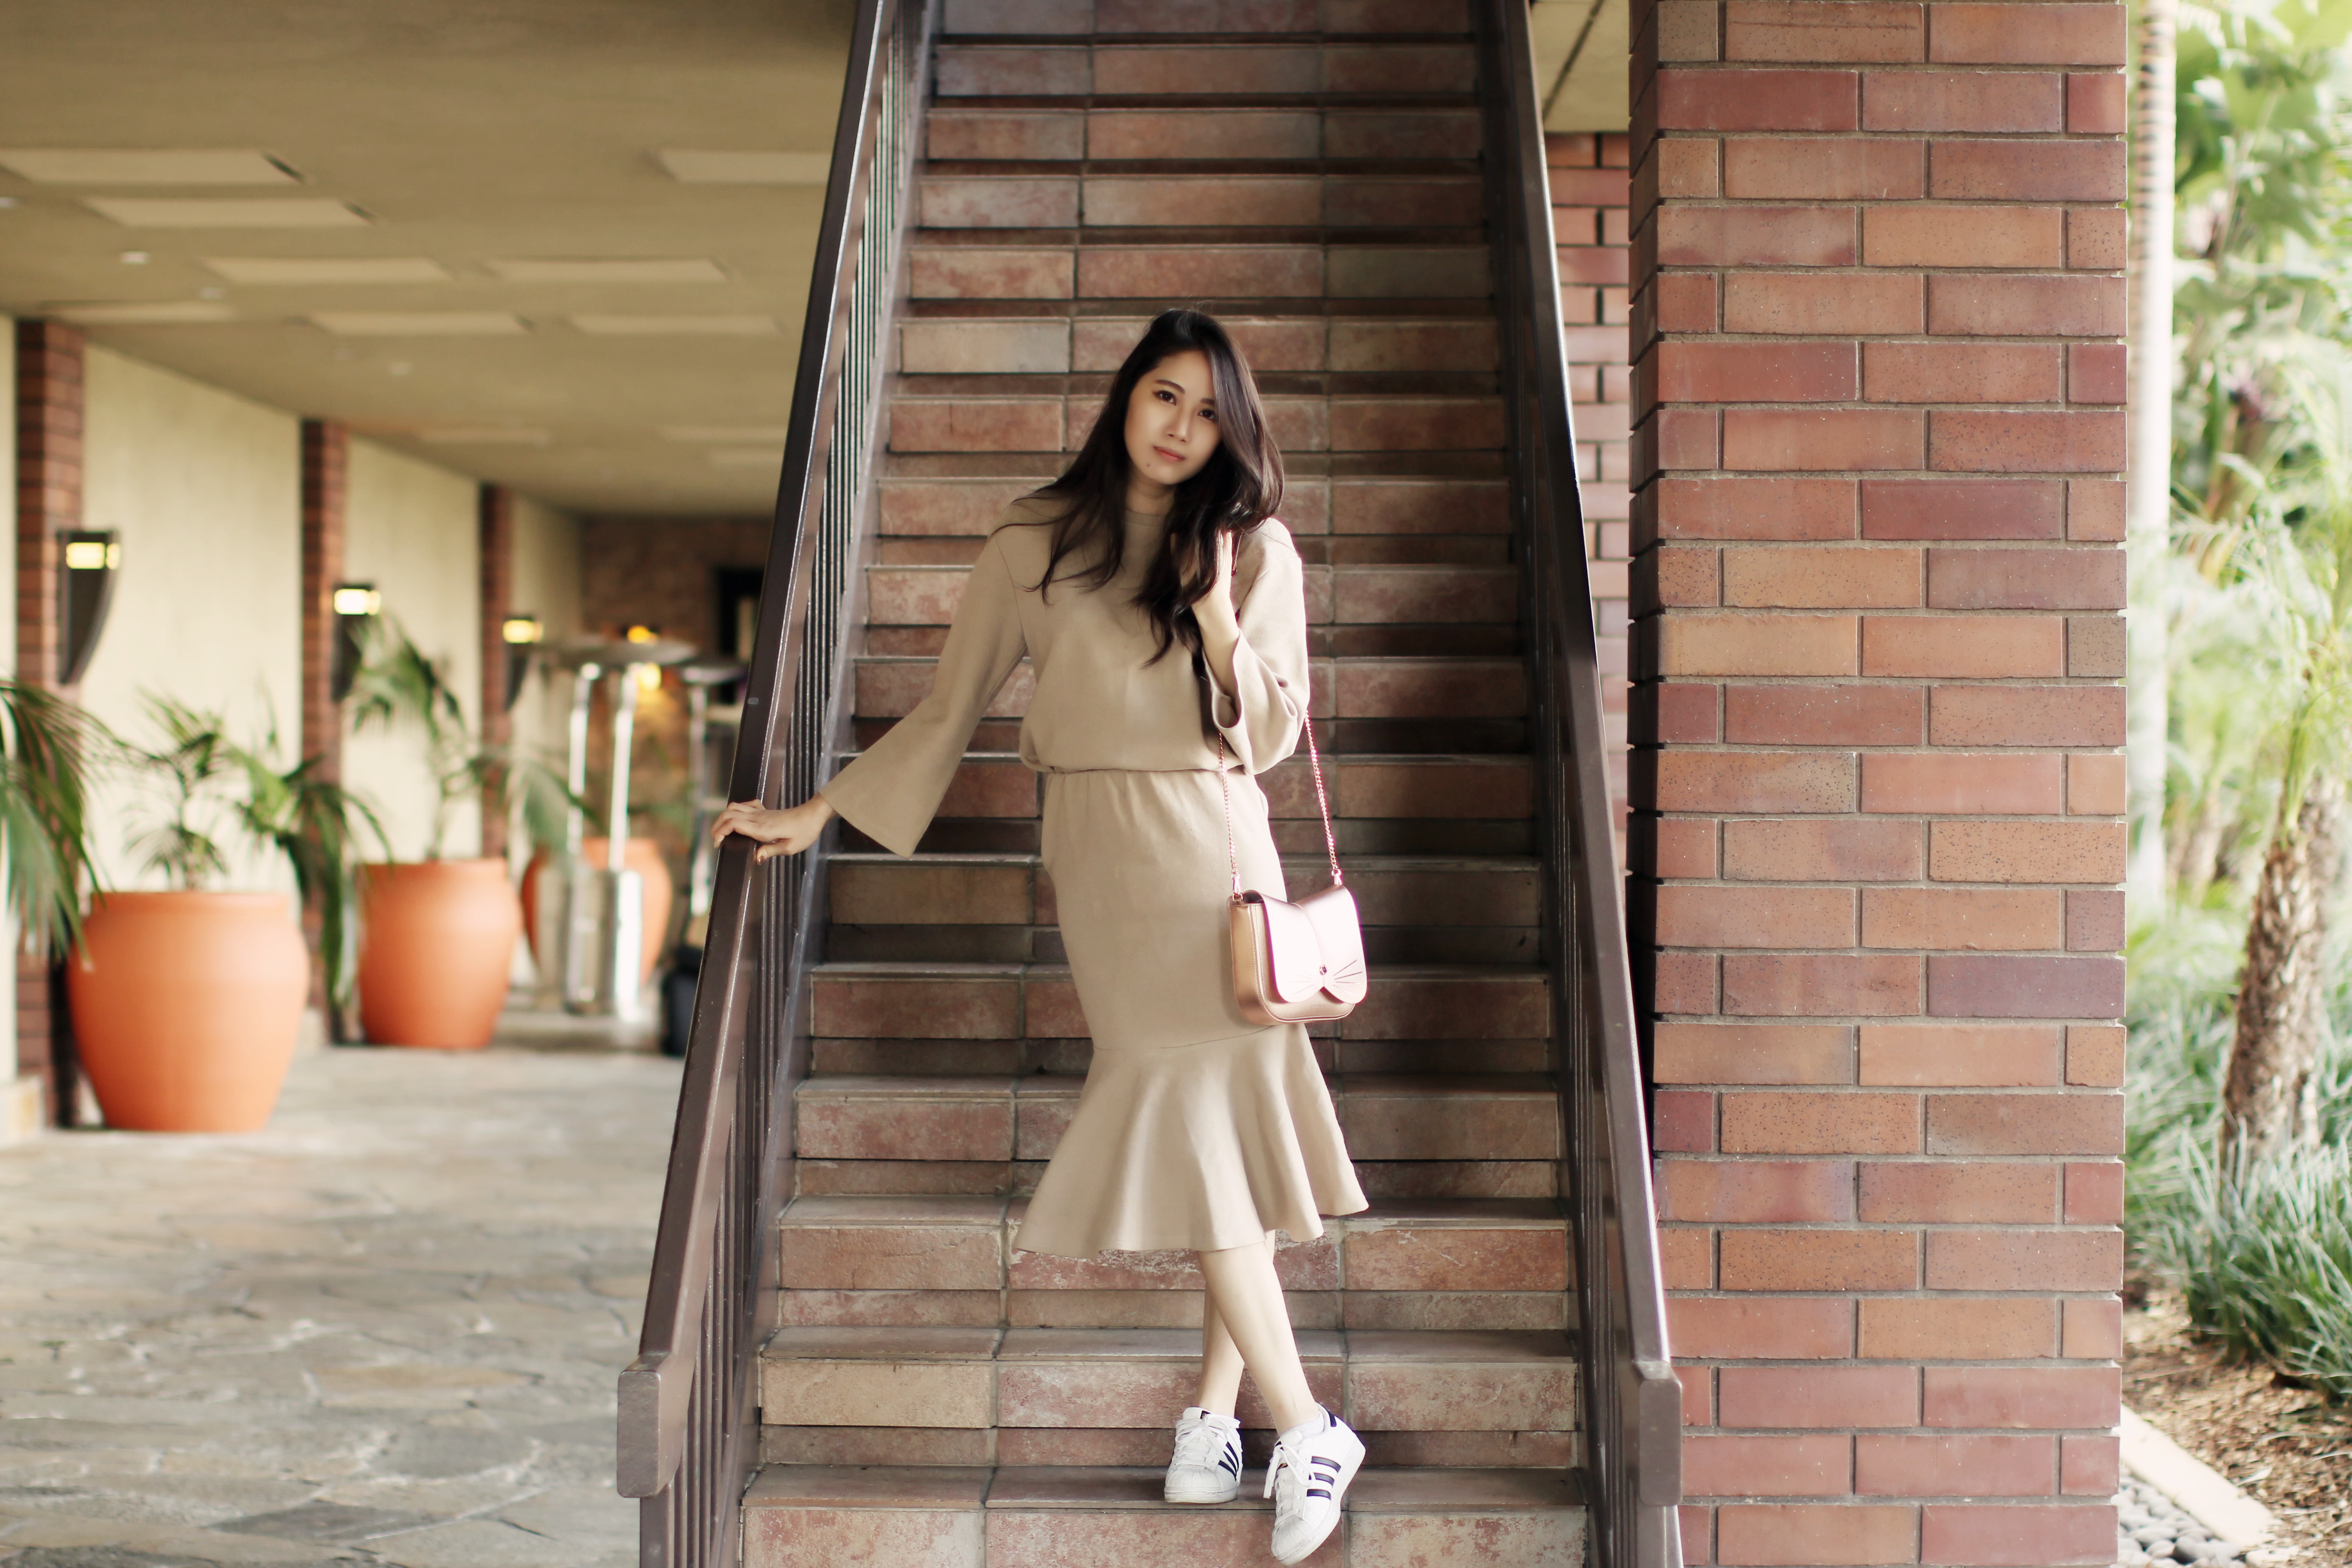 4596-ootd-fashion-style-outfitoftheday-wiwt-streetstyle-SSUMJ-SSUMJxME-adidas-tedbaker-koreanfashion-elizabeeetht-clothestoyouuu